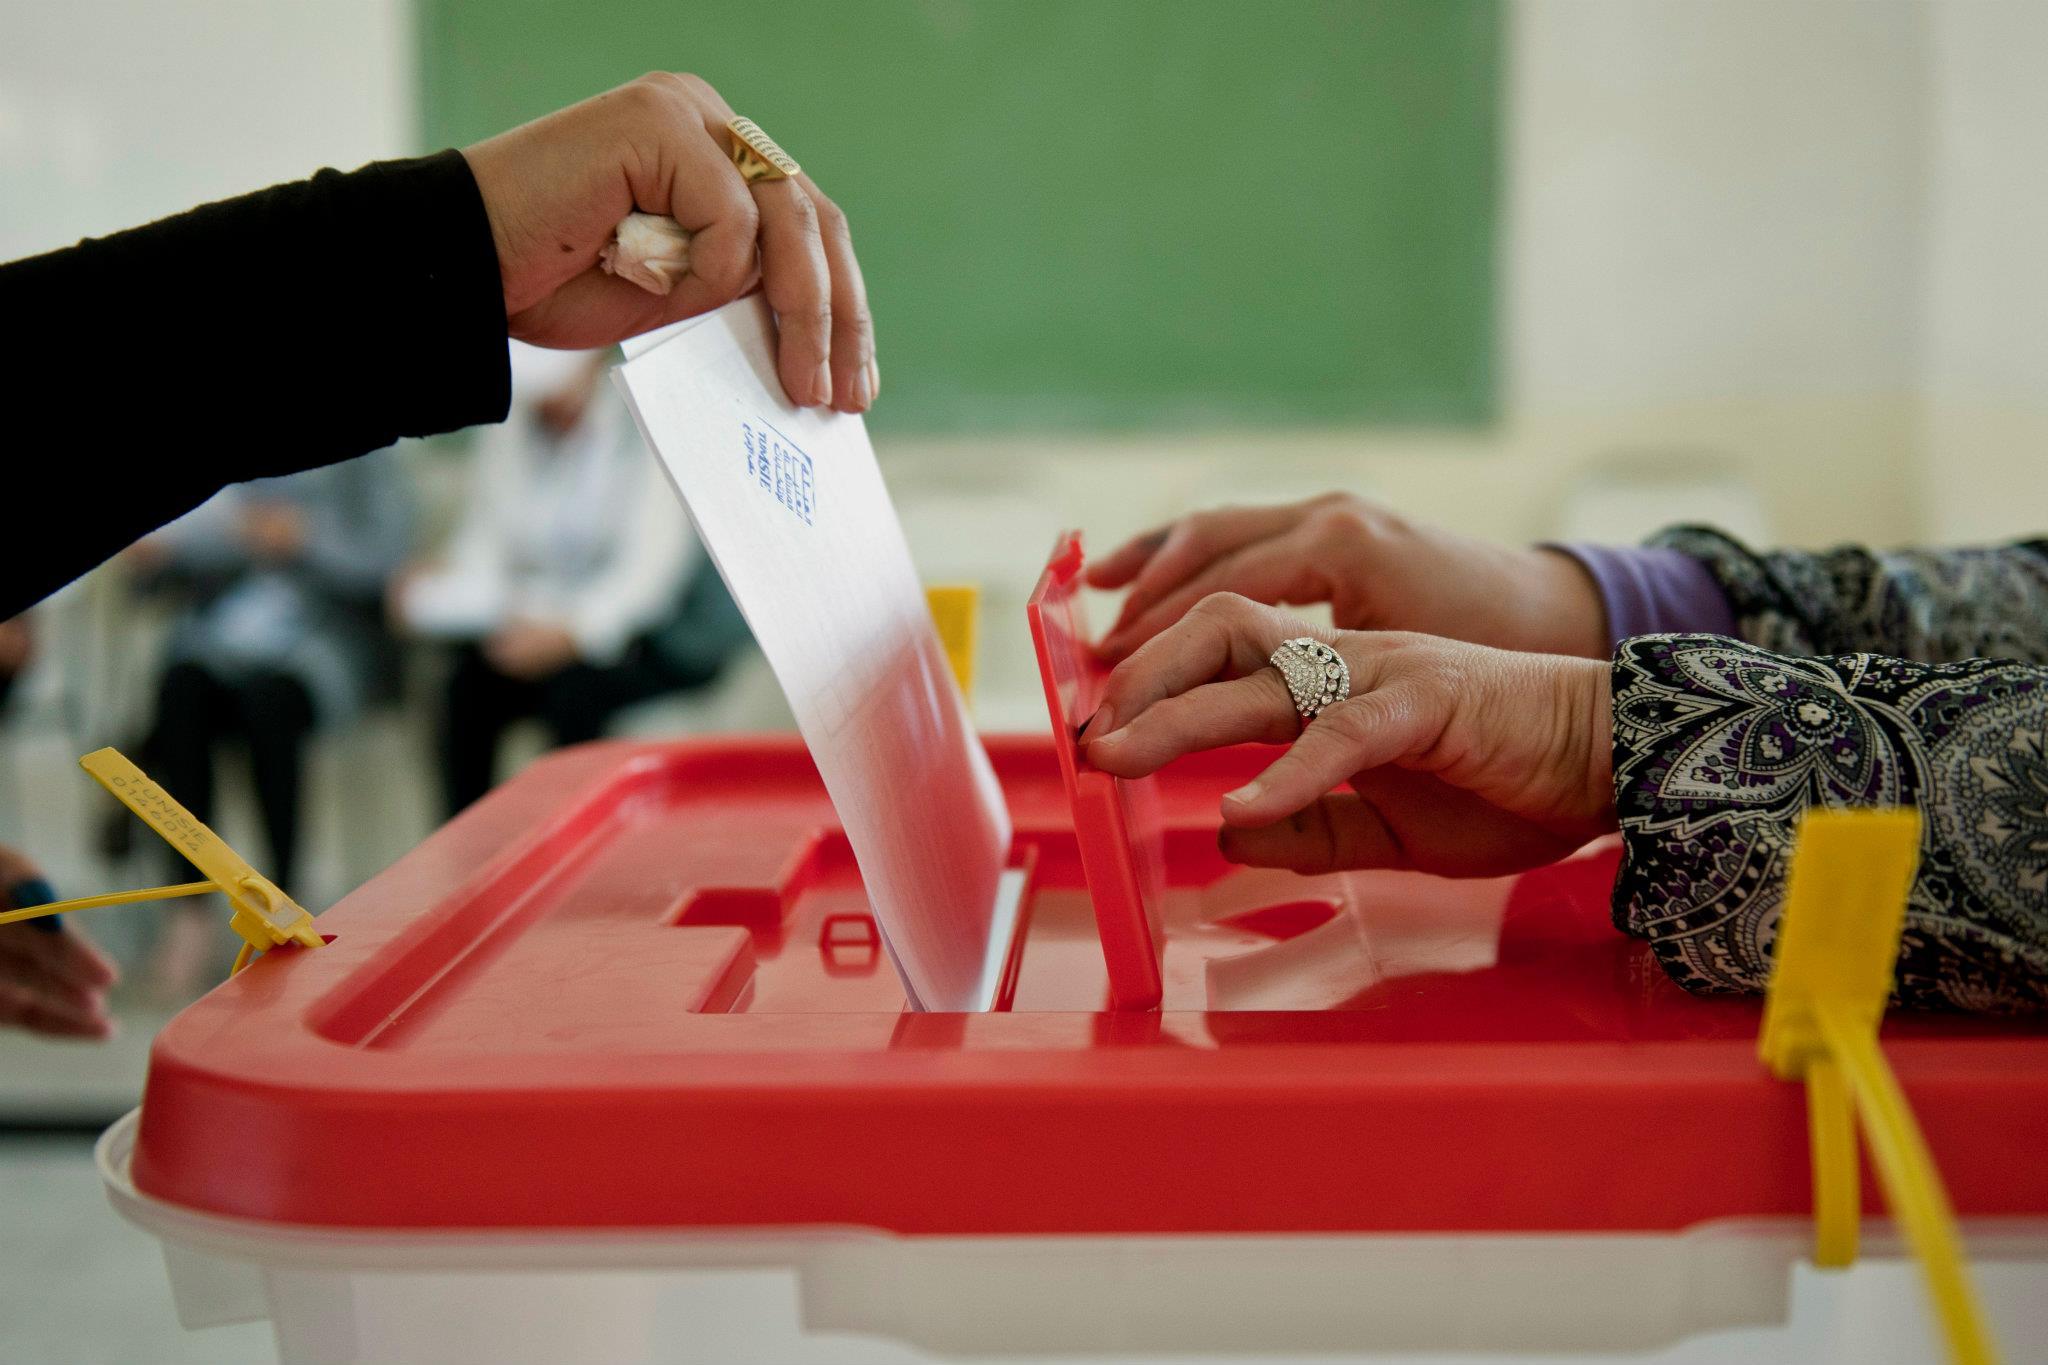 Le vote à l'Etranger commence aujourd'hui